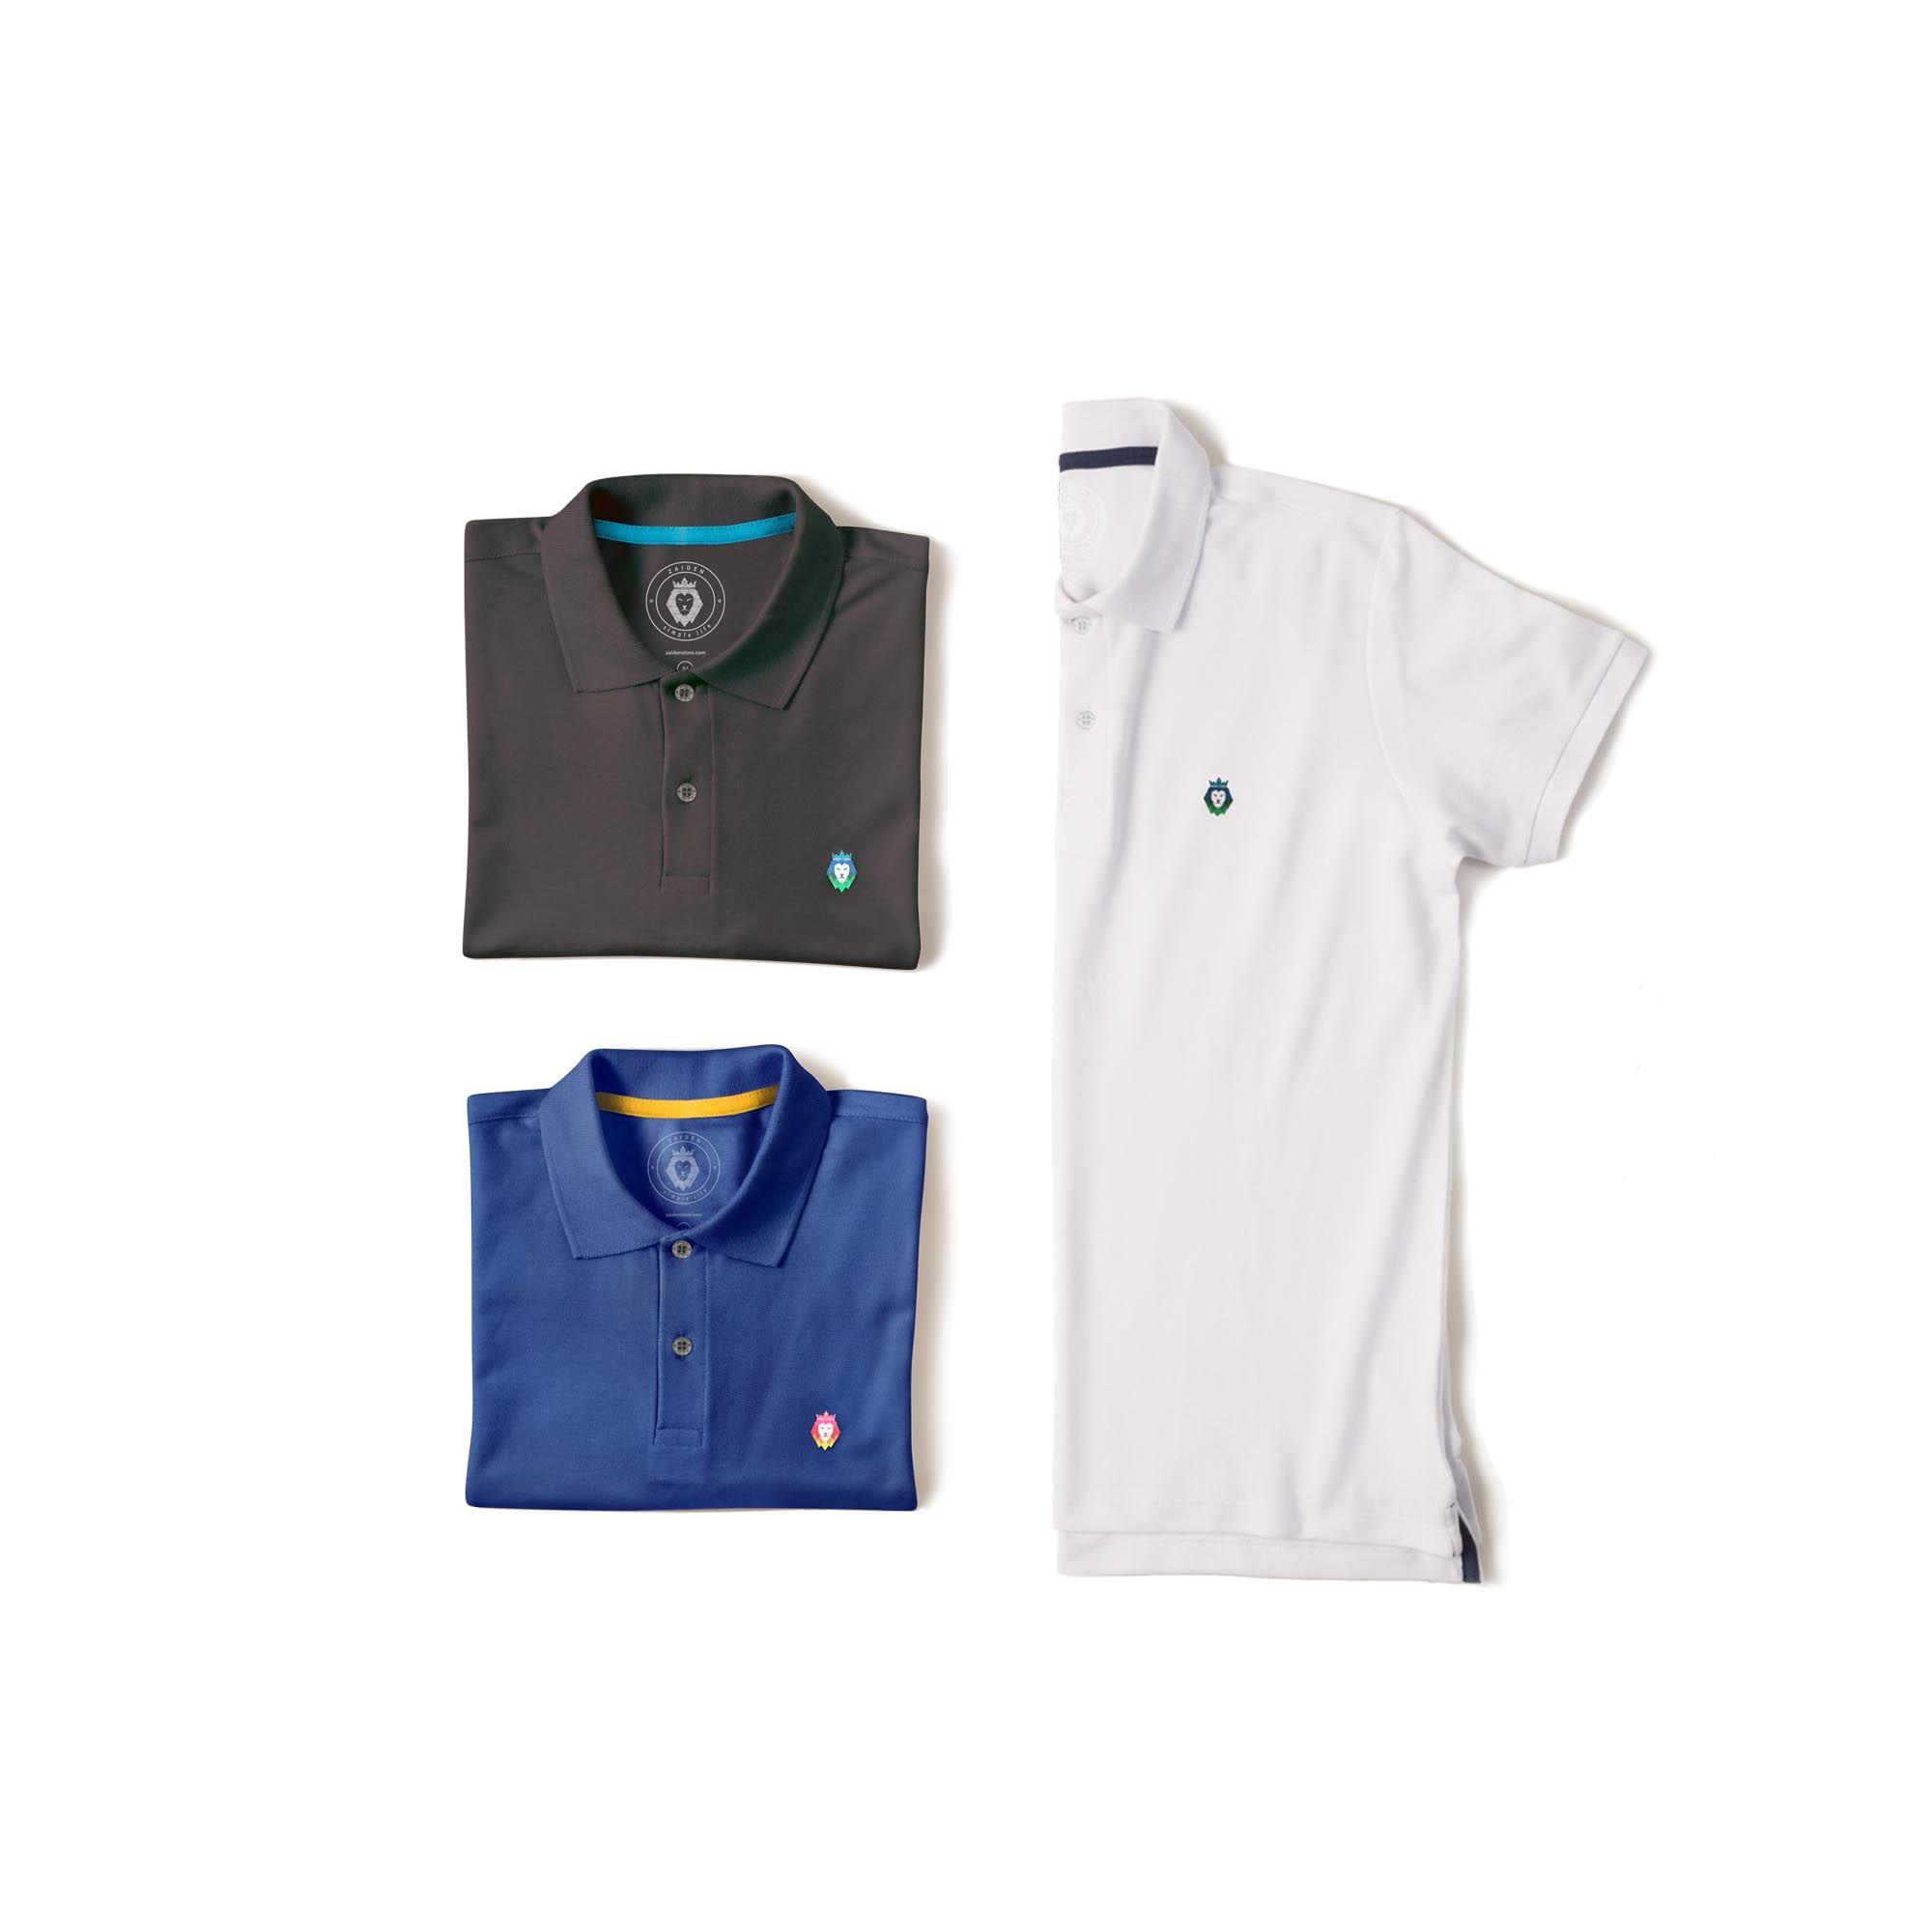 Kit 3 Camisas Polo Style Zaiden Royal Cinza Branca Masculina - ZAIDEN ... 1ccbda296bdfb